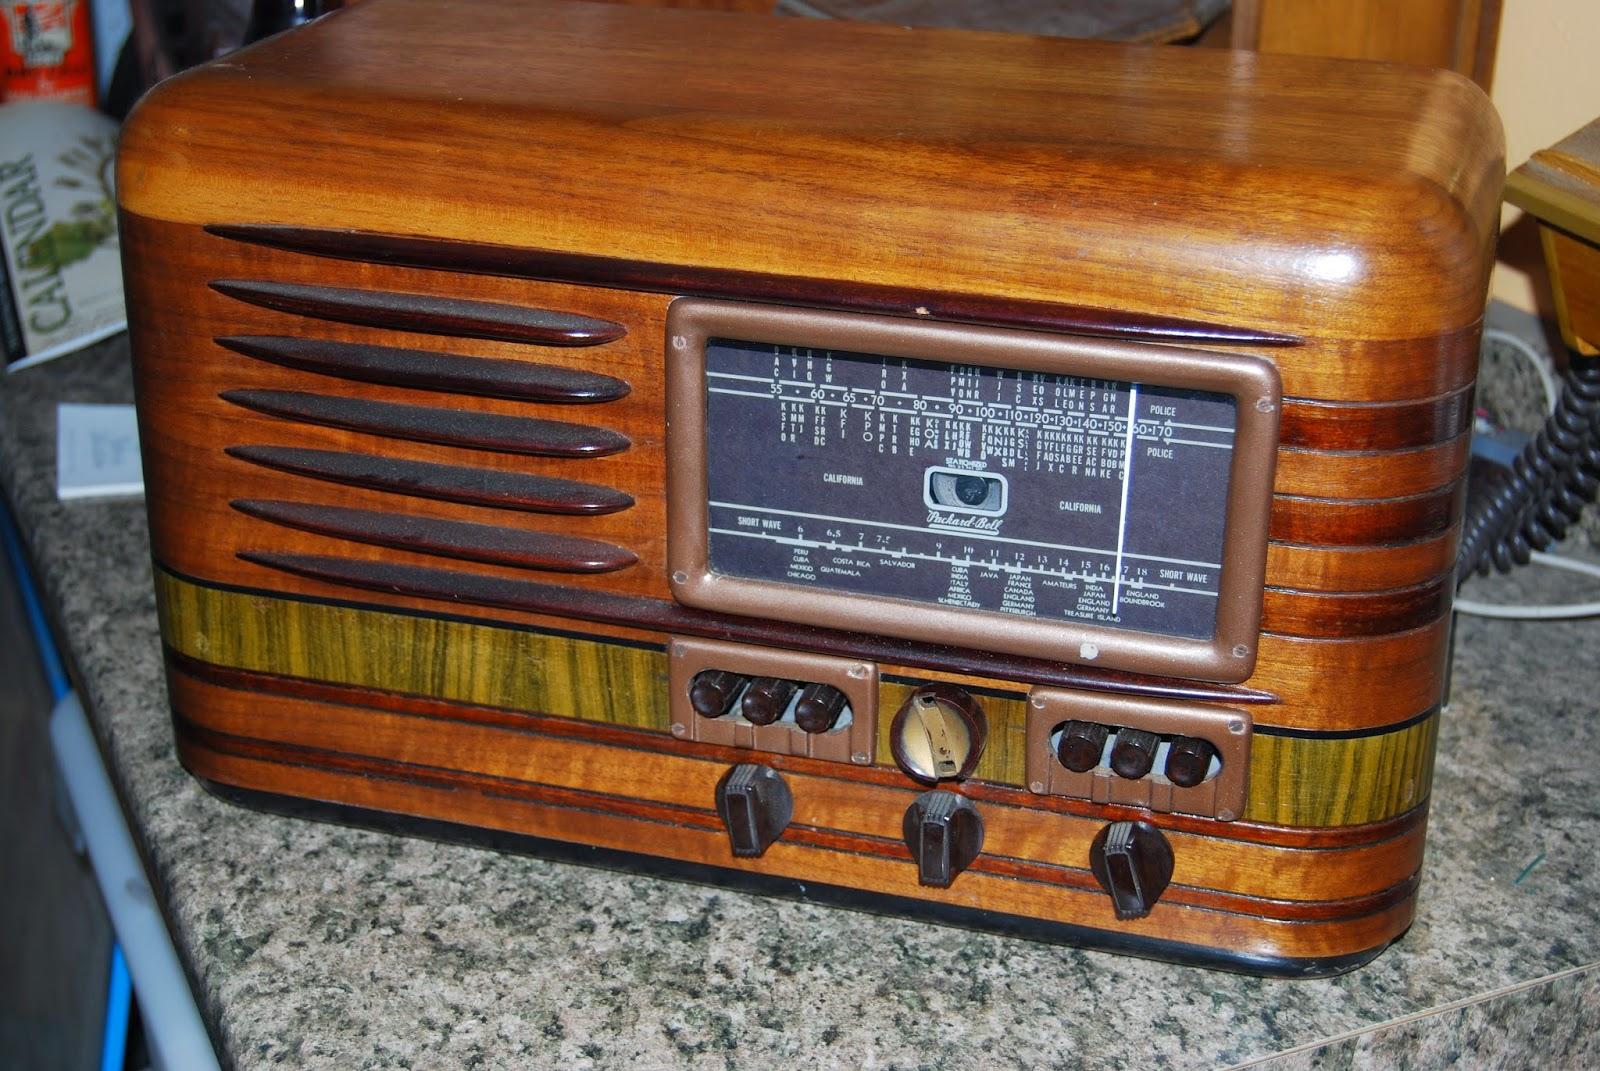 Radio shack amateur radios